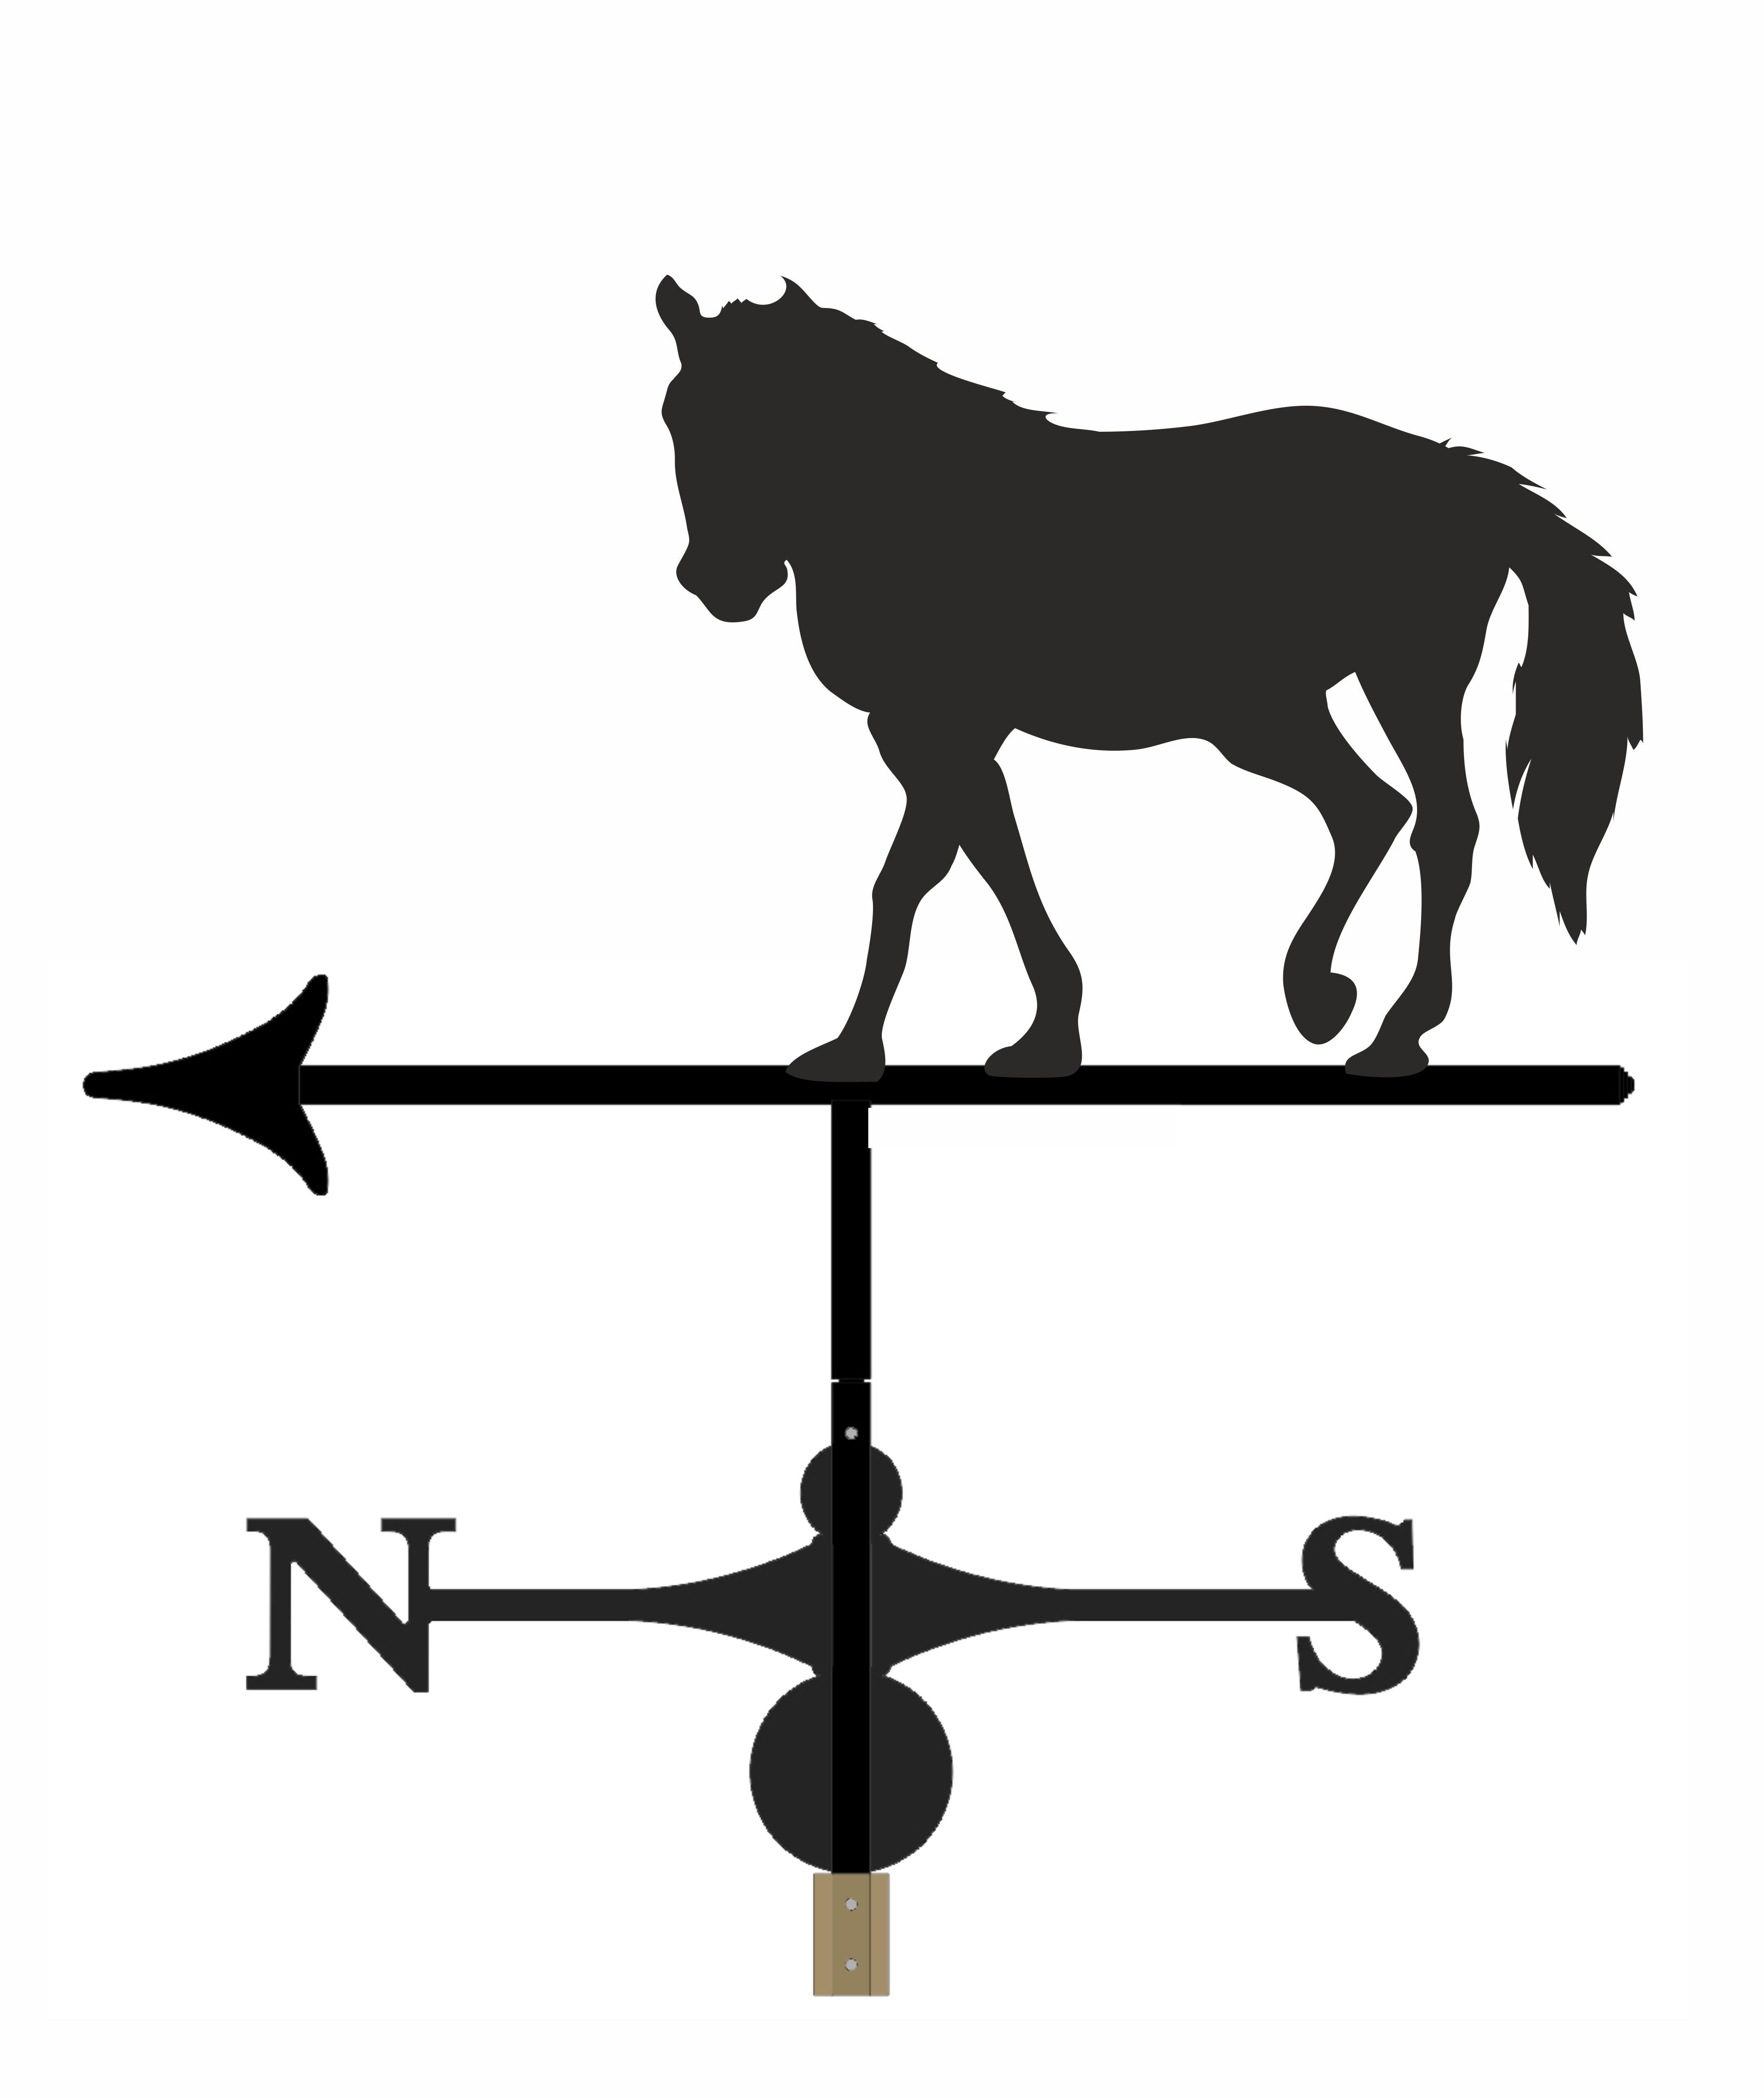 Horse - WVH1